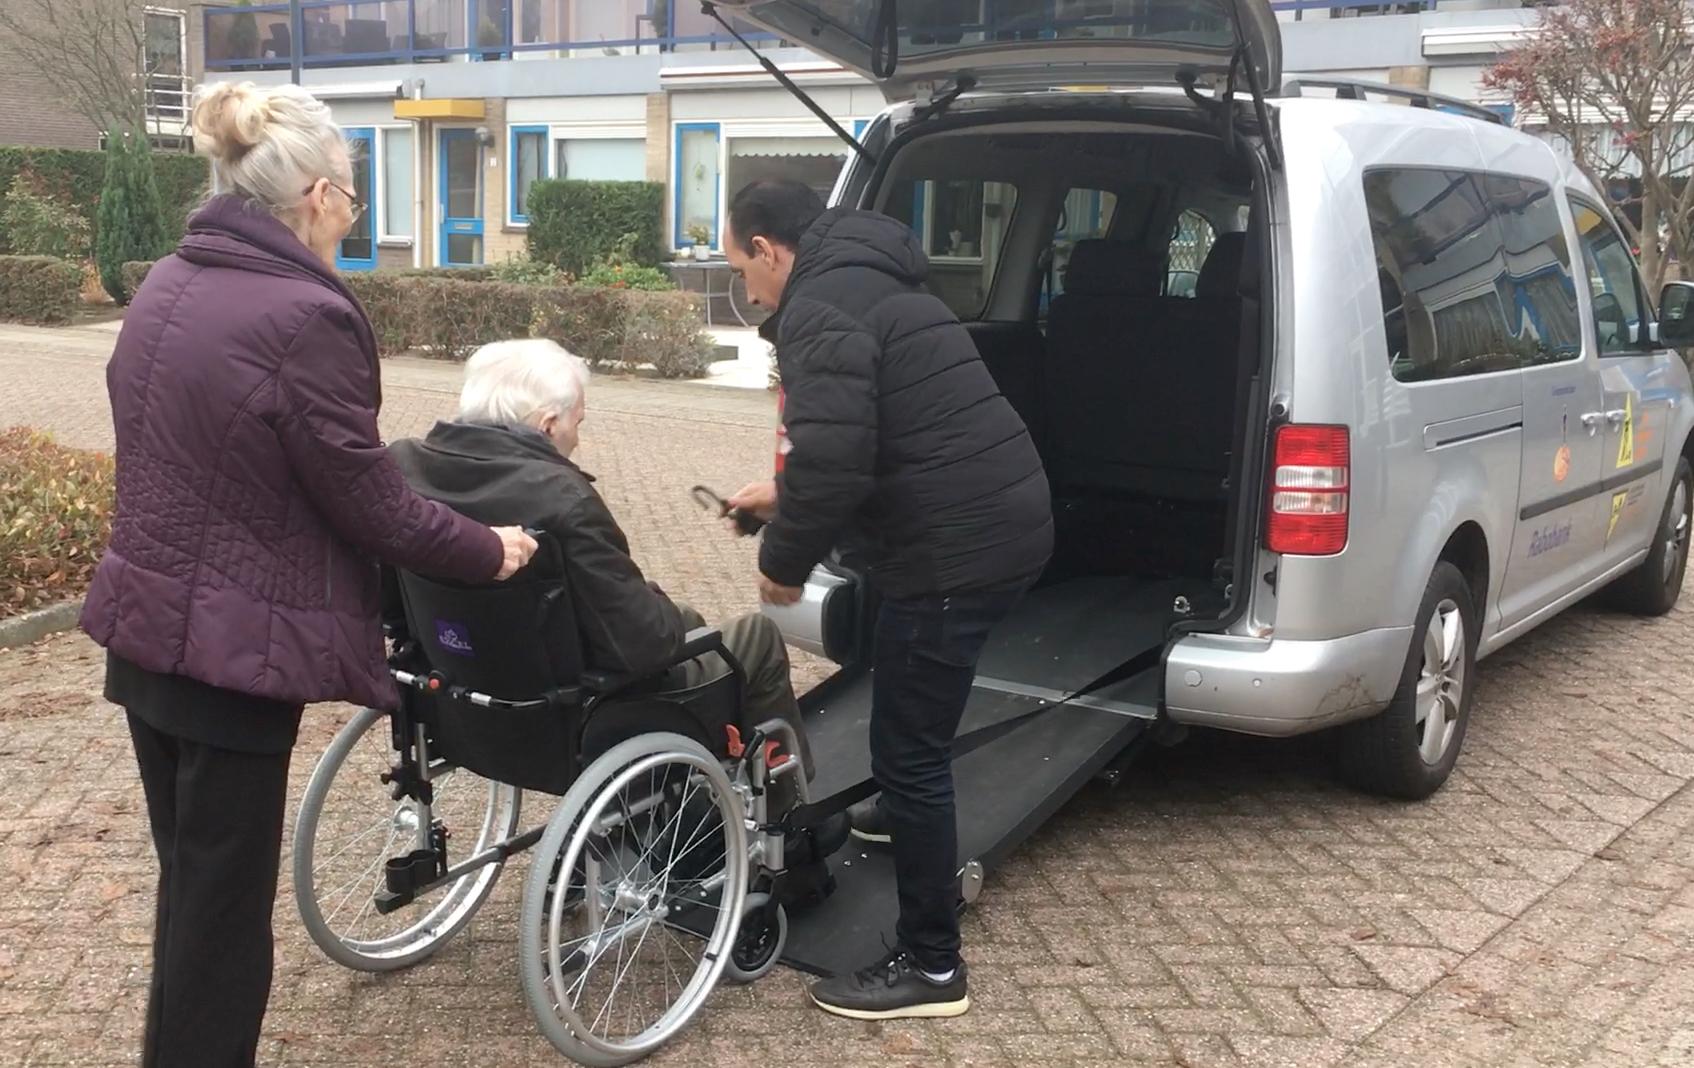 Vervoer op maat: naar o.a. het ziekenhuis, tandarts, dagactiviteiten, sociale en culturele activiteiten of even naar de weekmarkt.